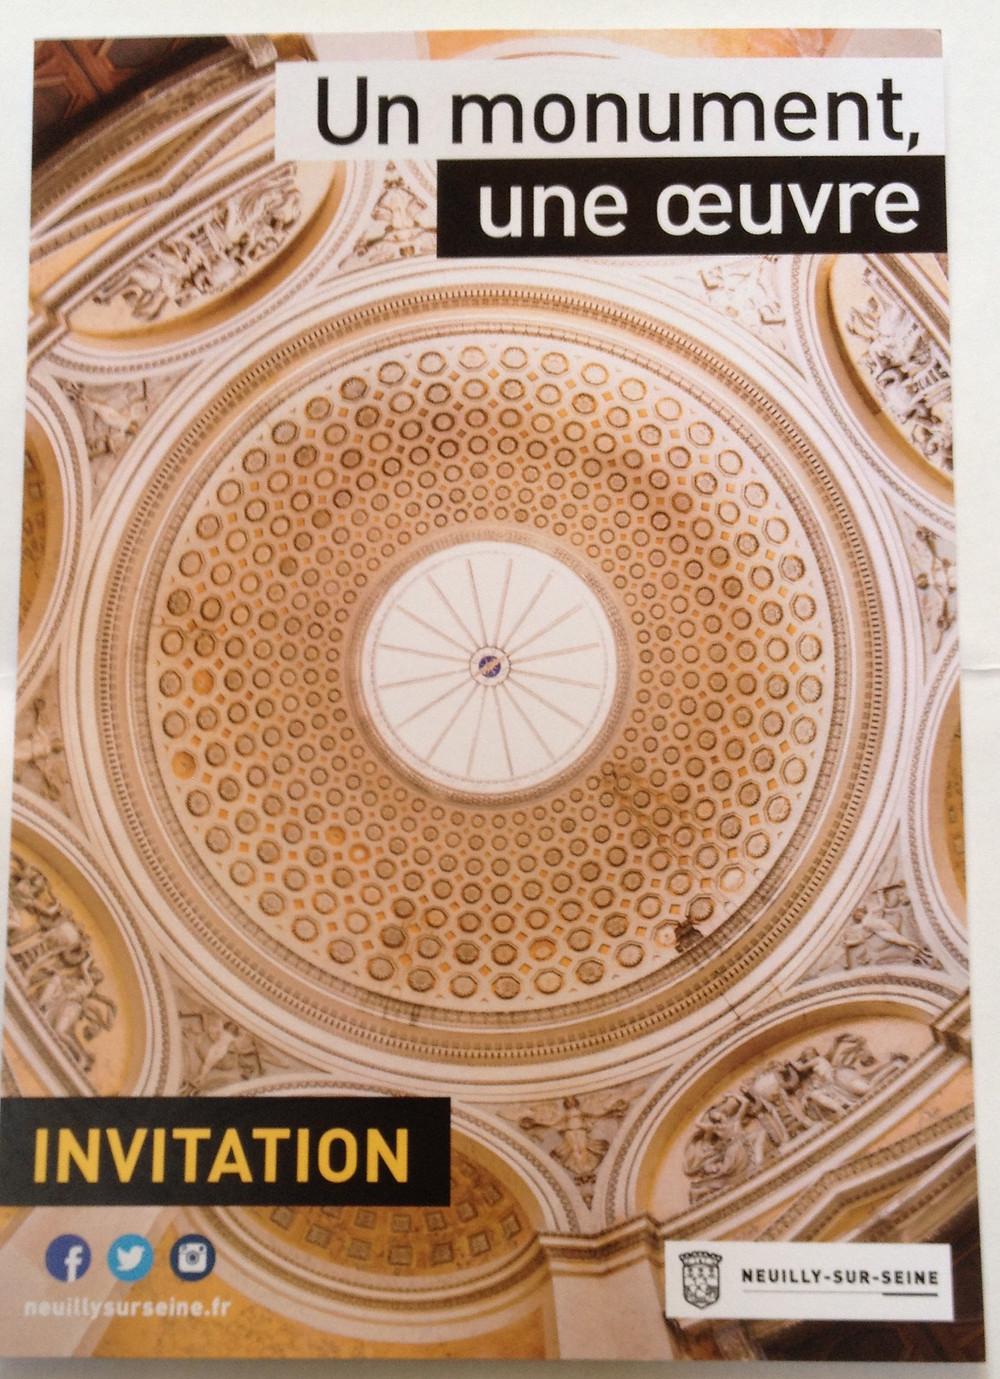 Vernissage Vendredi 18 septembre 2015 à partir de 19h Théâtre des Sablons Neuilly sur Seine